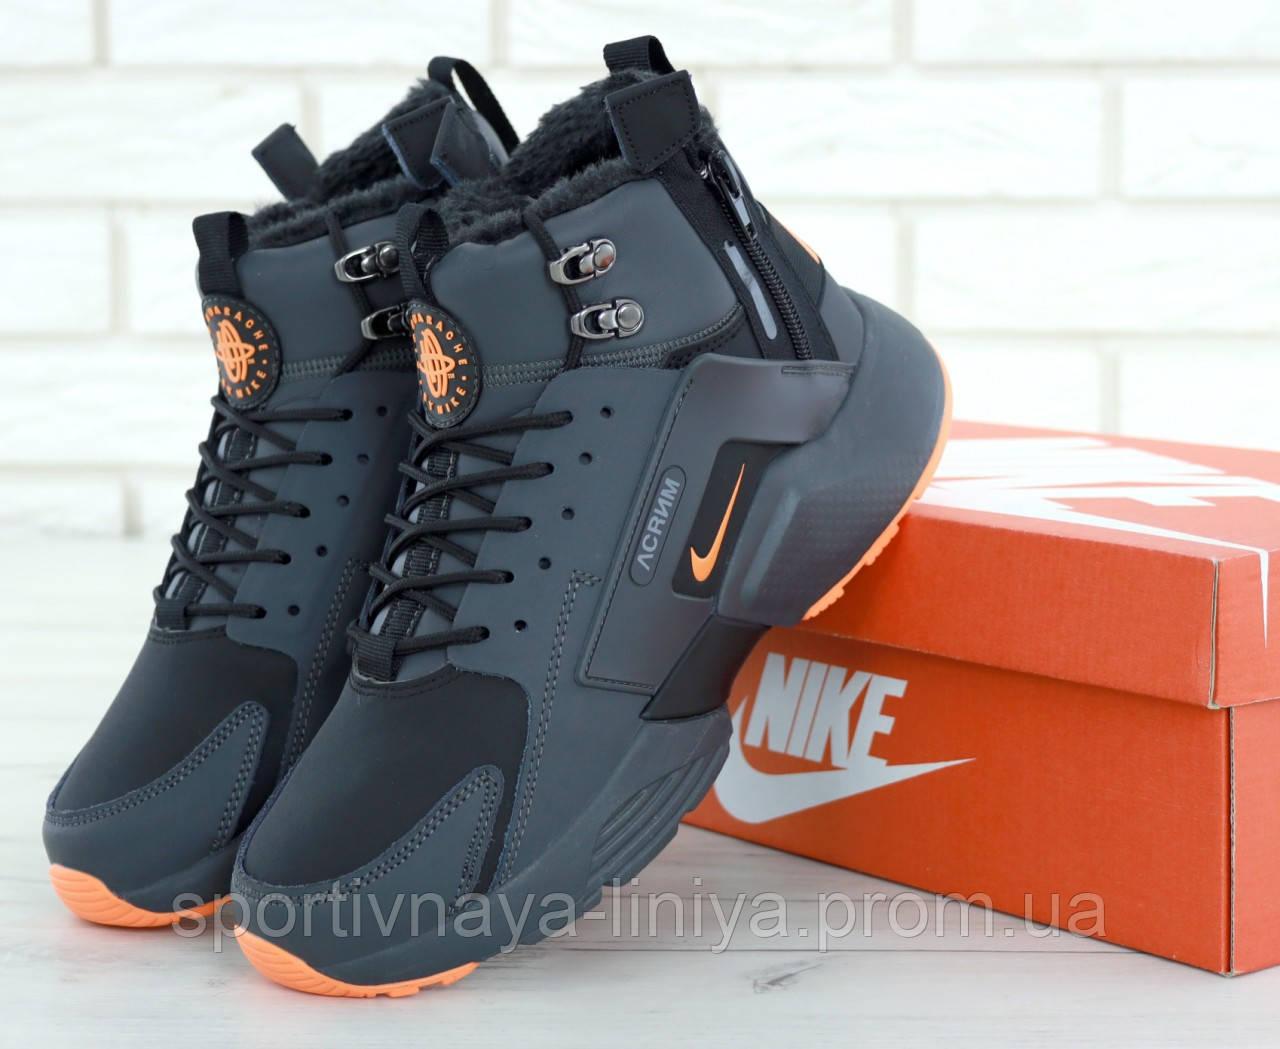 Кроссовки мужские на меху Nike huarache Silver and Black Реплика